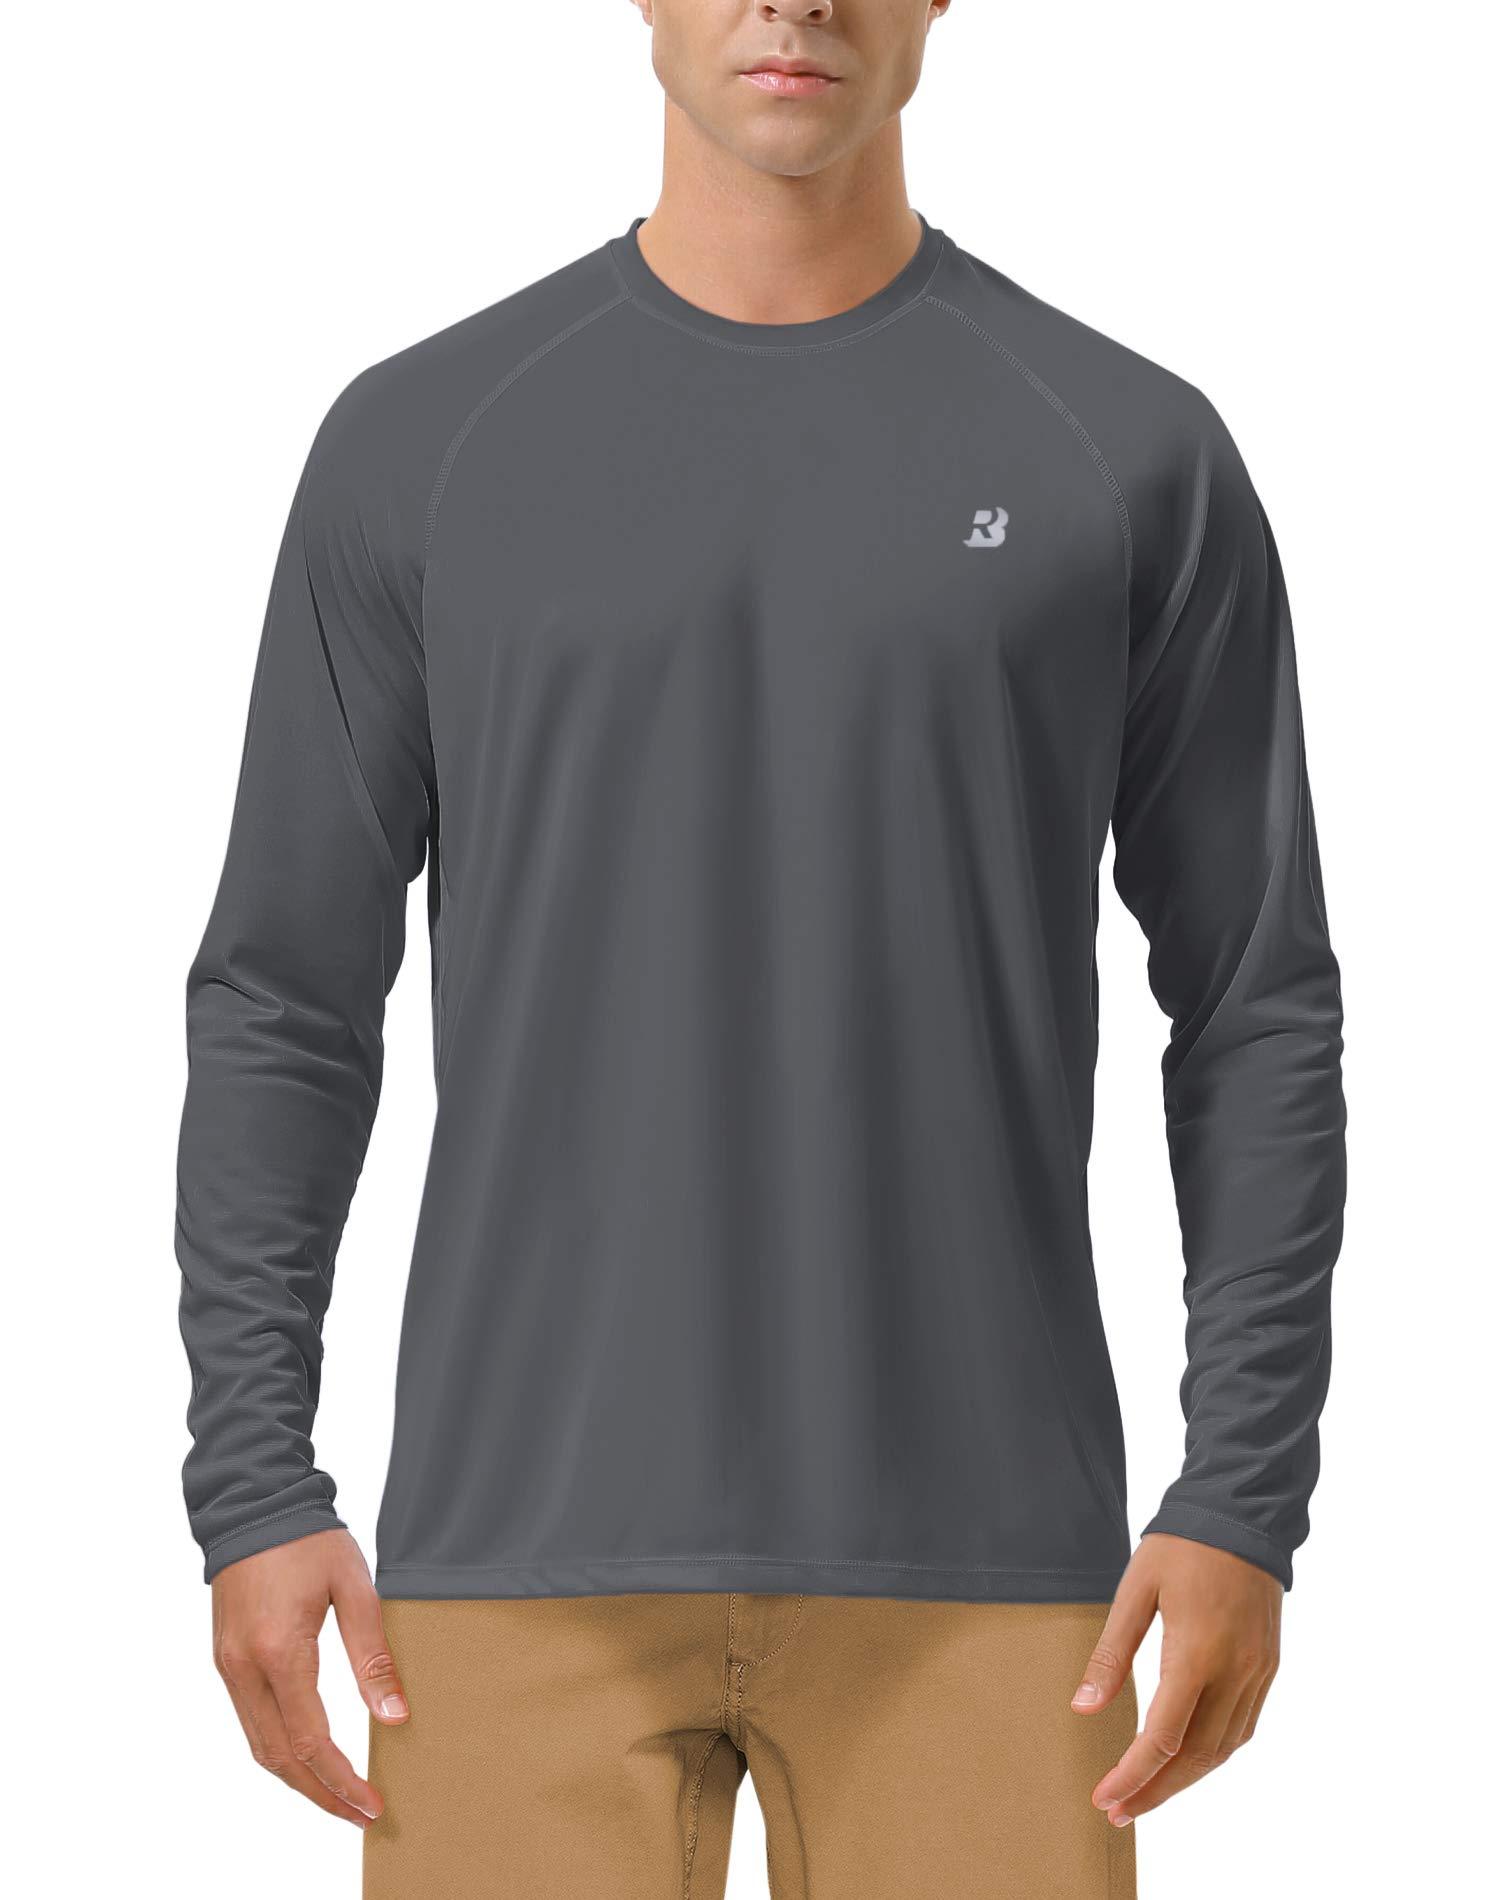 Roadbox Men's Sun Protection UPF 50+ UV Outdoor Long Sleeve Dri-fit T-Shirt Rashguard Shirts for Running, Fishing, Hiking